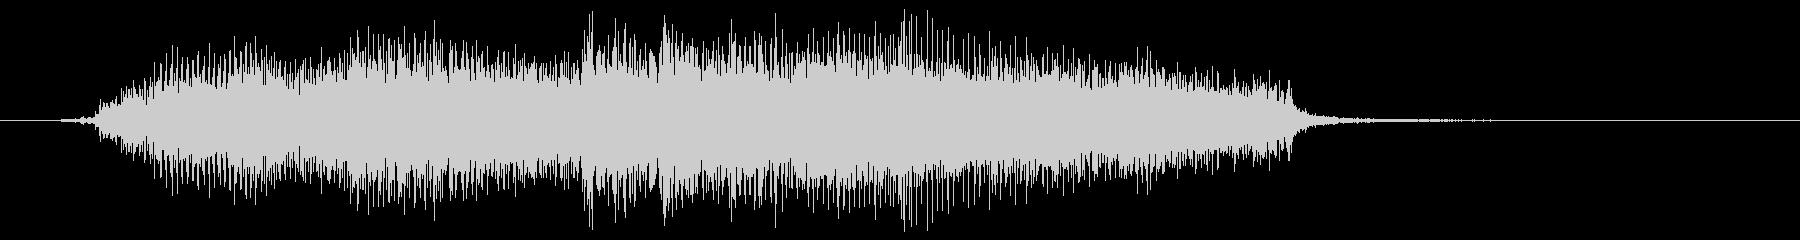 重い木製のドアヒンジ:大きな音の未再生の波形